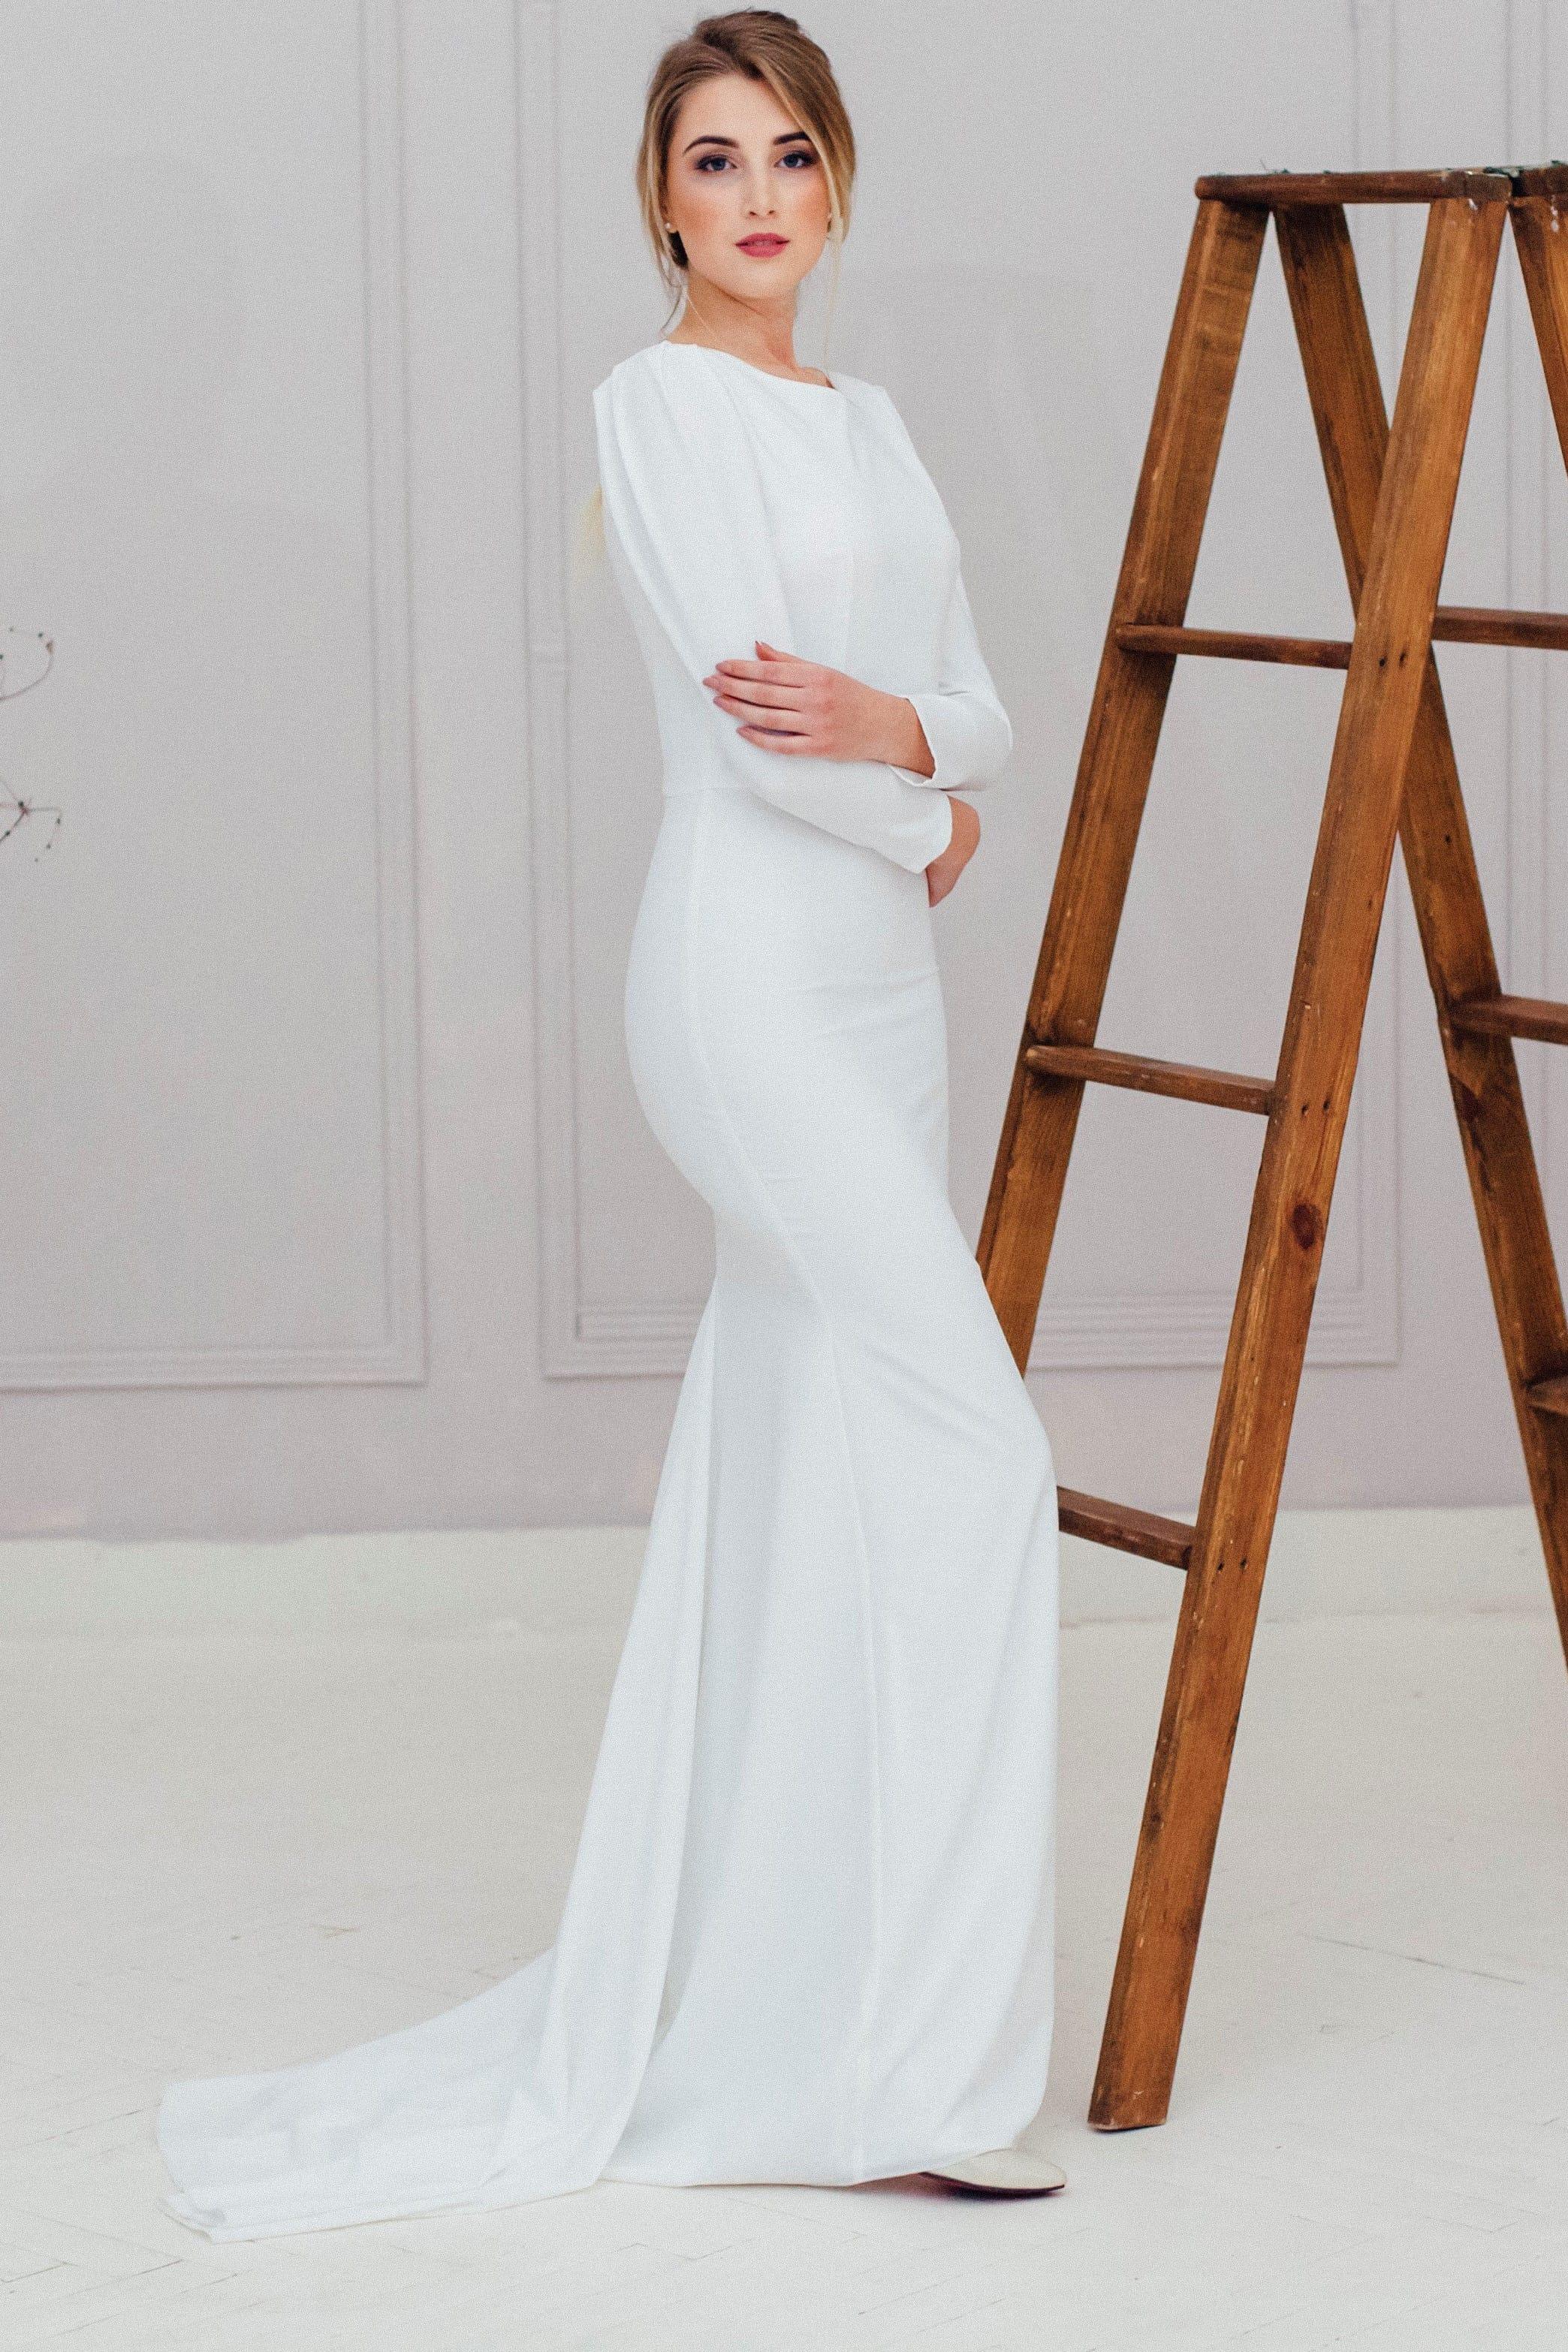 Свадебное платье MAY, коллекция REFINED ELEGANCE, бренд OKA NOMO, фото 4